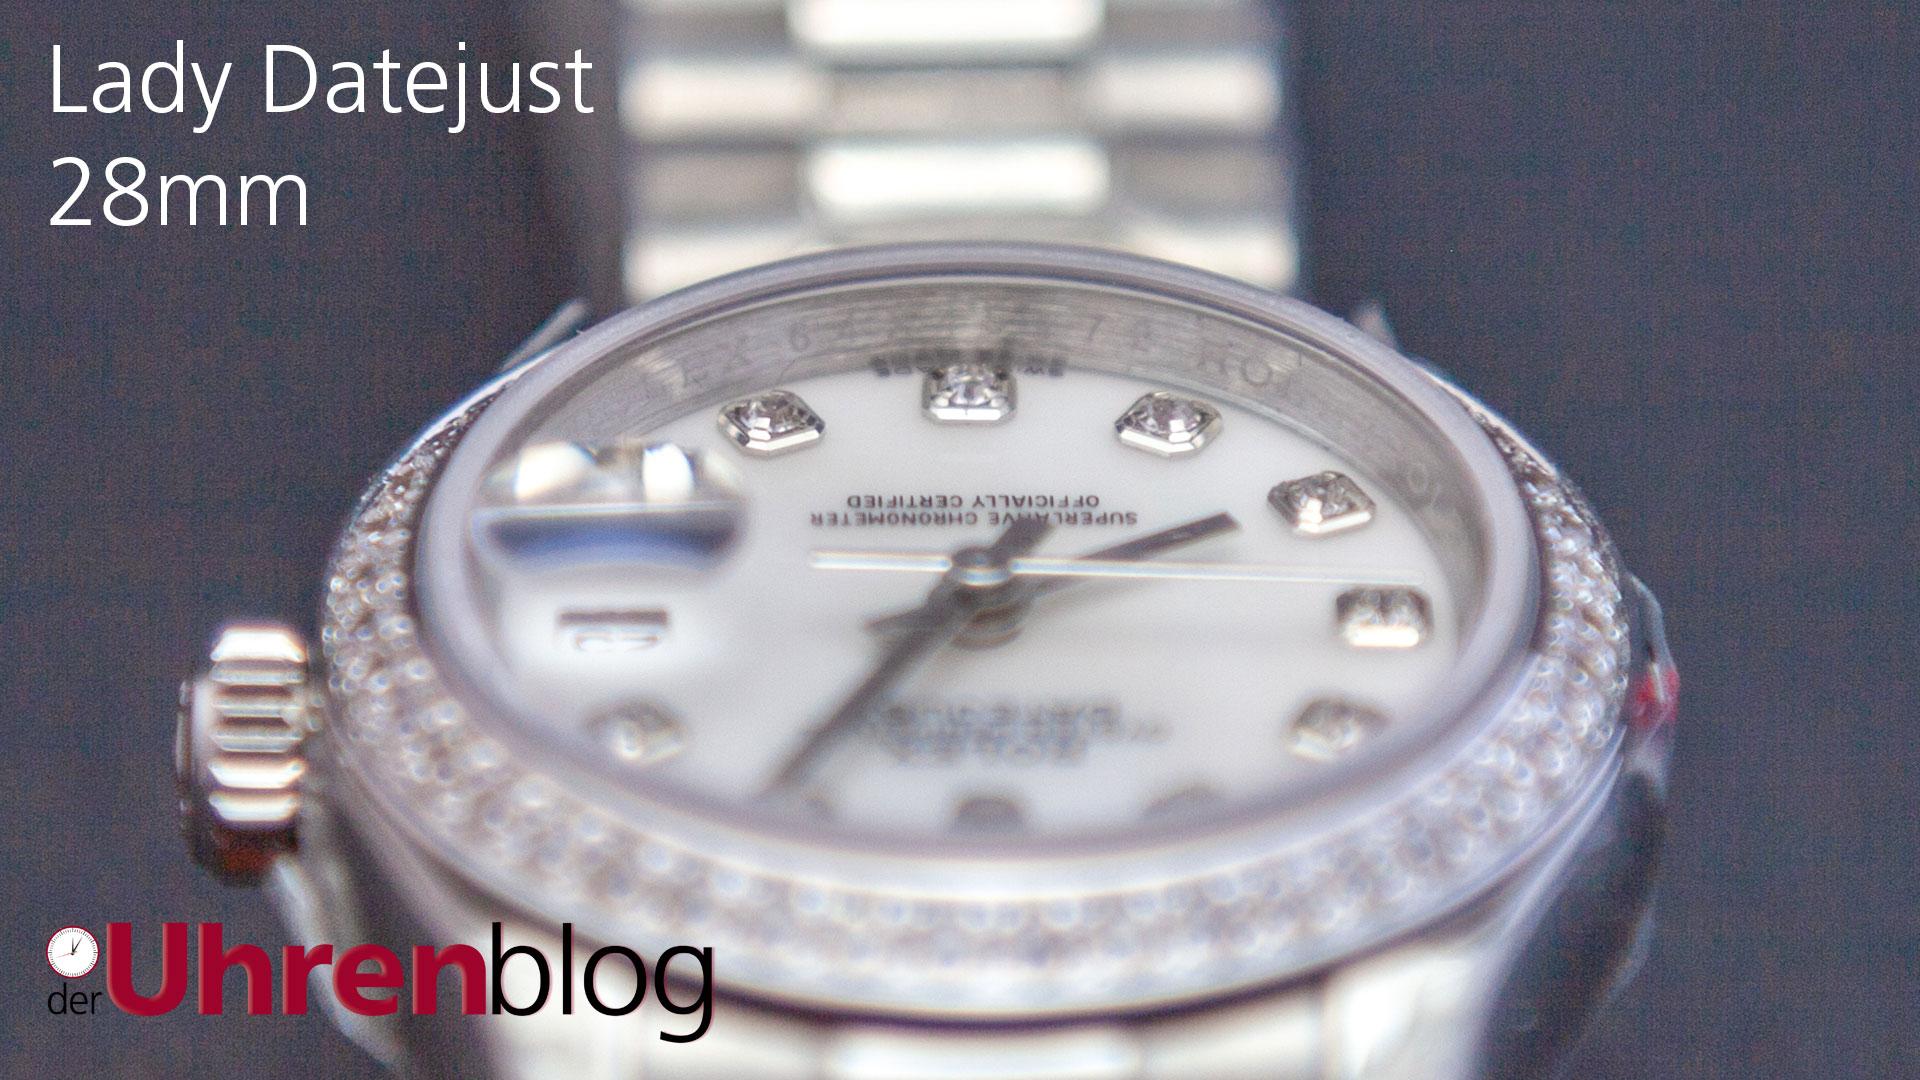 Rolex Lady Datejust 28mm mit Diamond Bezel von BP